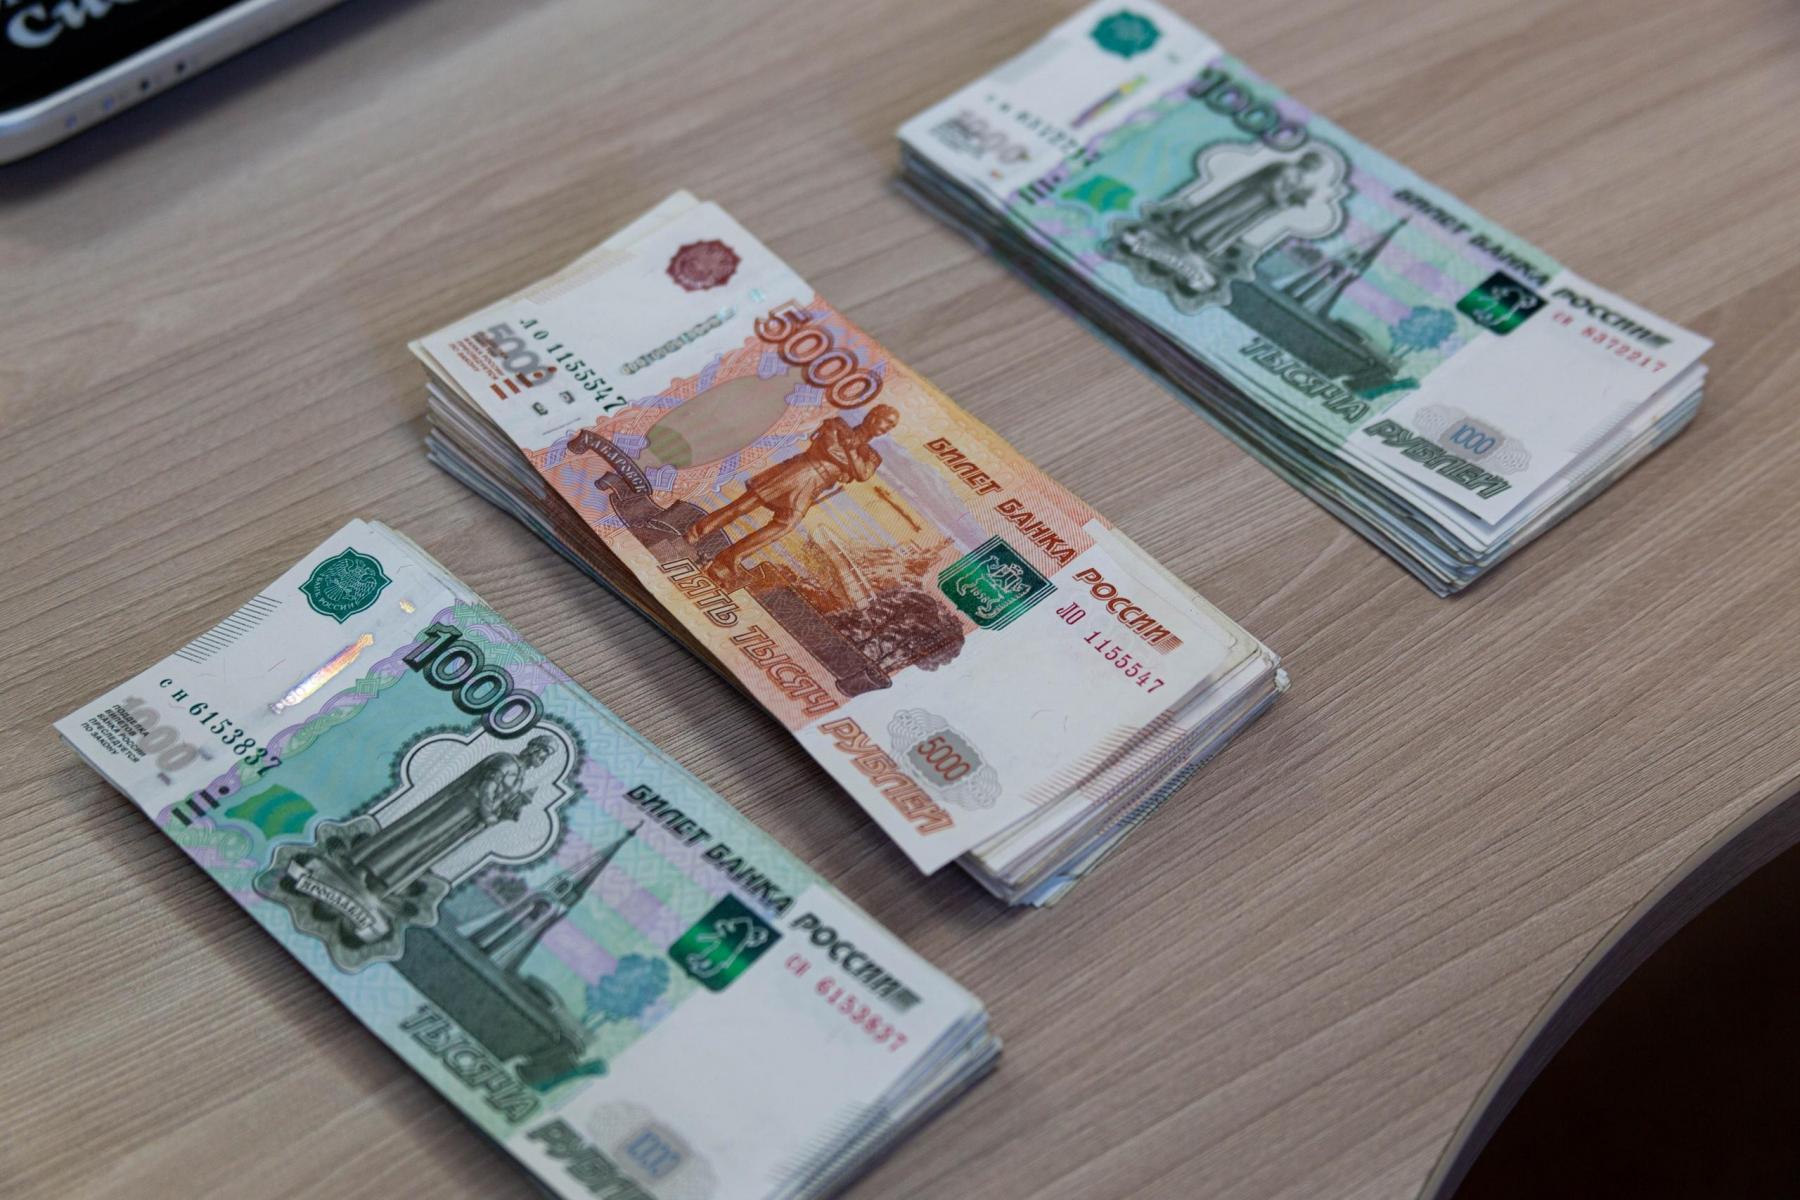 фото Выходные с 1 по 11 мая от Путина, режим «чёрного неба», низкие зарплаты новосибирцев и контрабанда наркотиков из Китая: главные новости 23 апреля – в одном материале 8